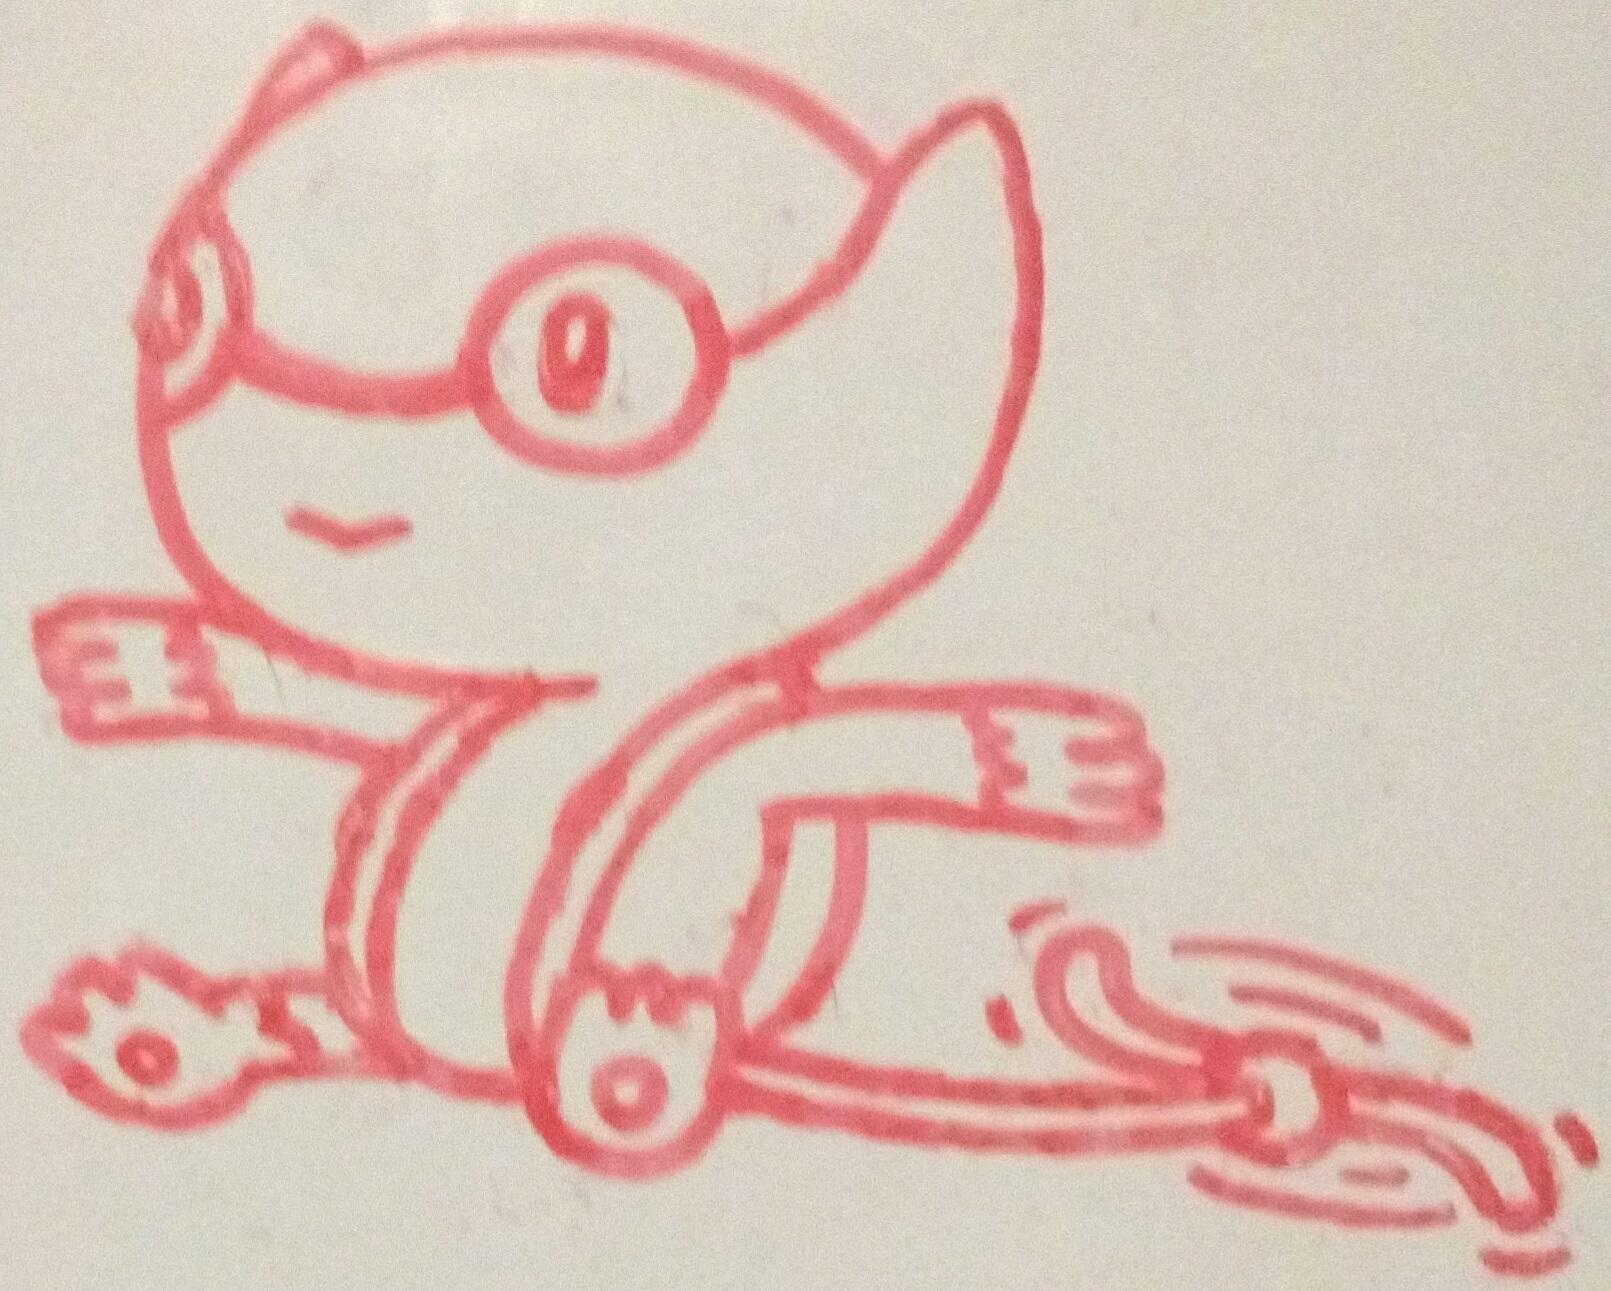 Fakemon's design..jpg